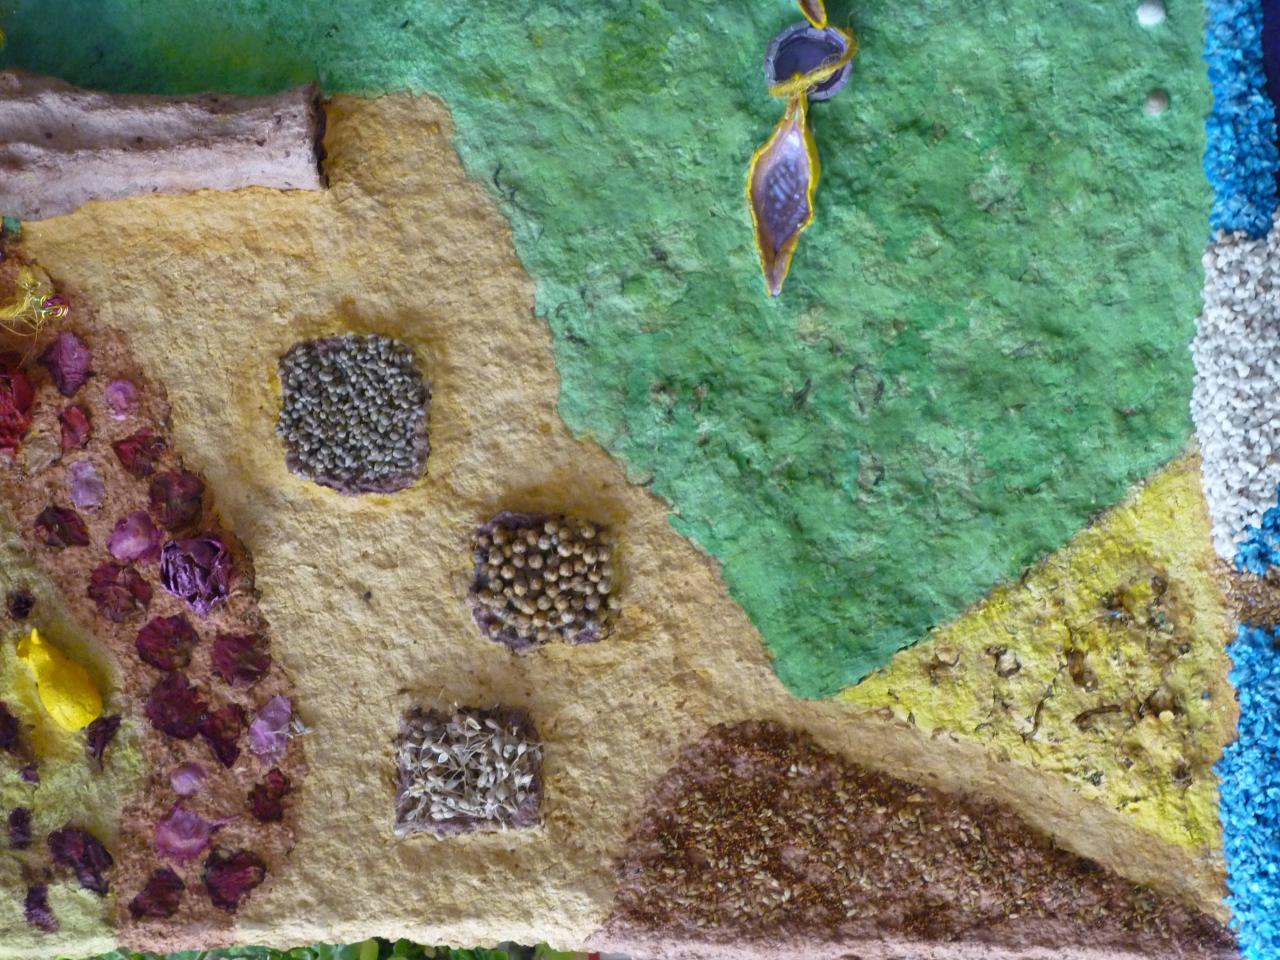 Jardin de culture (bacs de graines, papier de lin et brins de mousse)